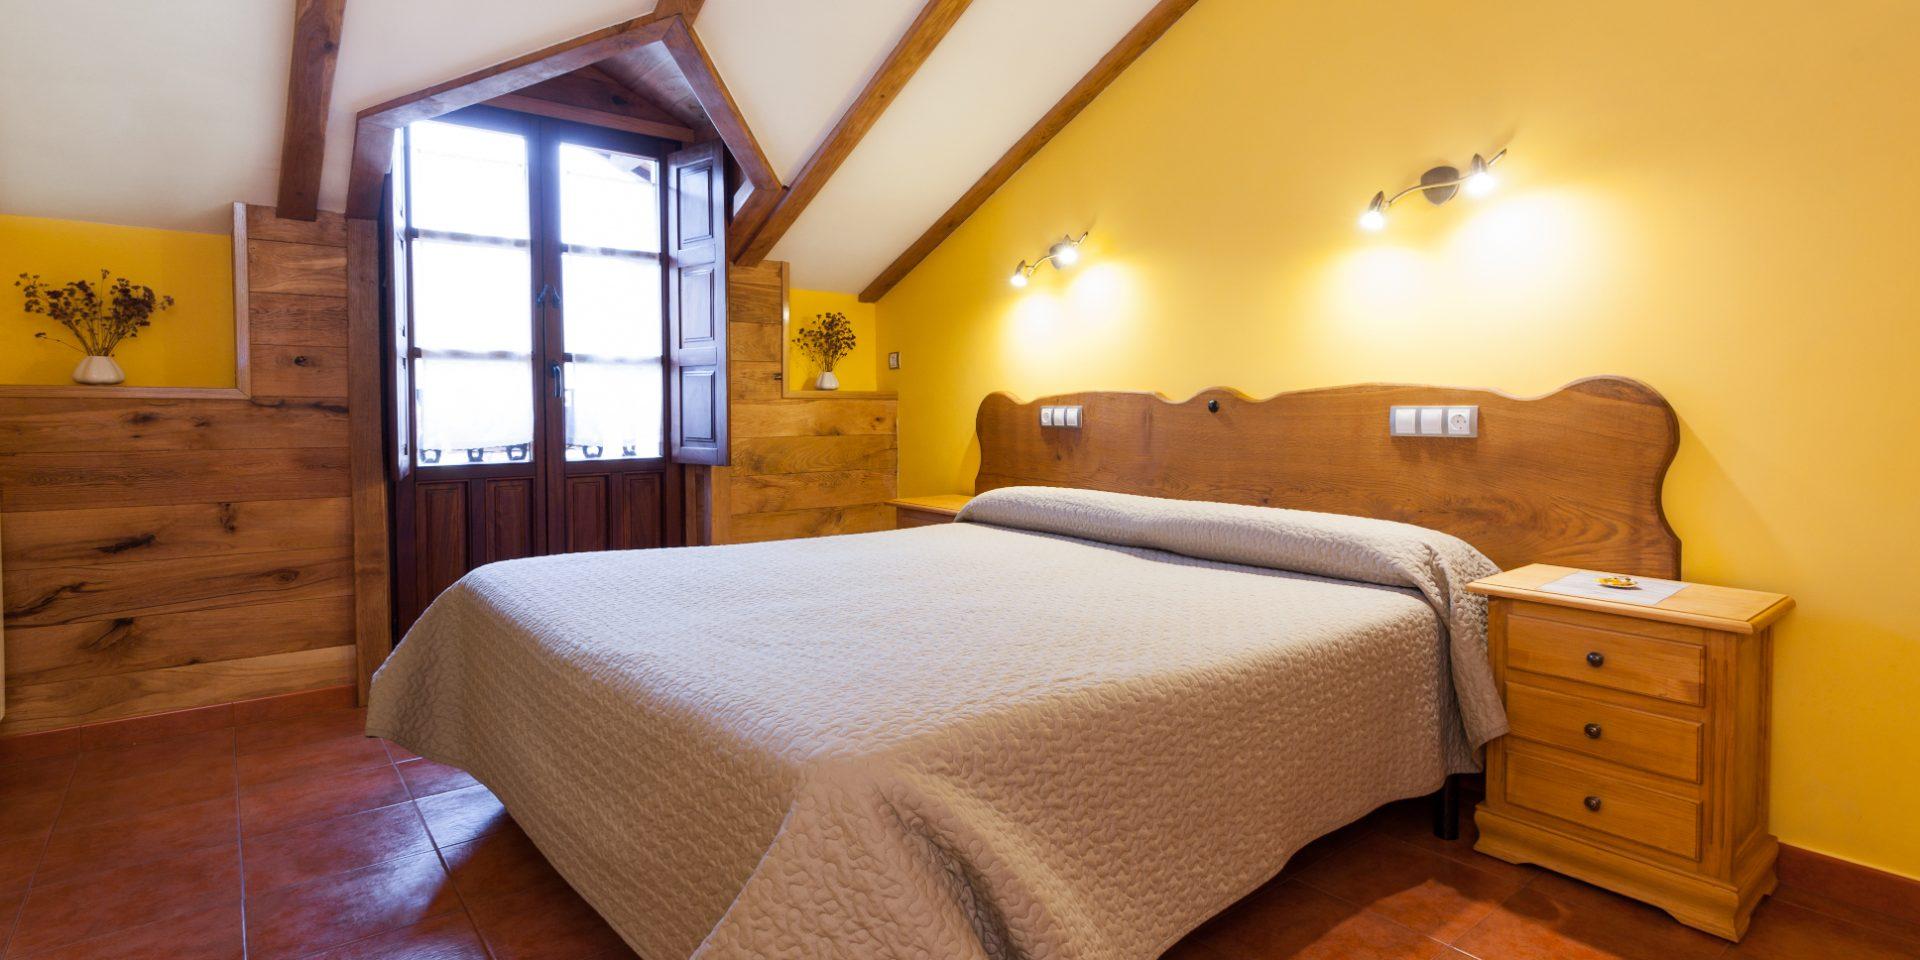 Habitación abuardillada con cama de matrimonio.